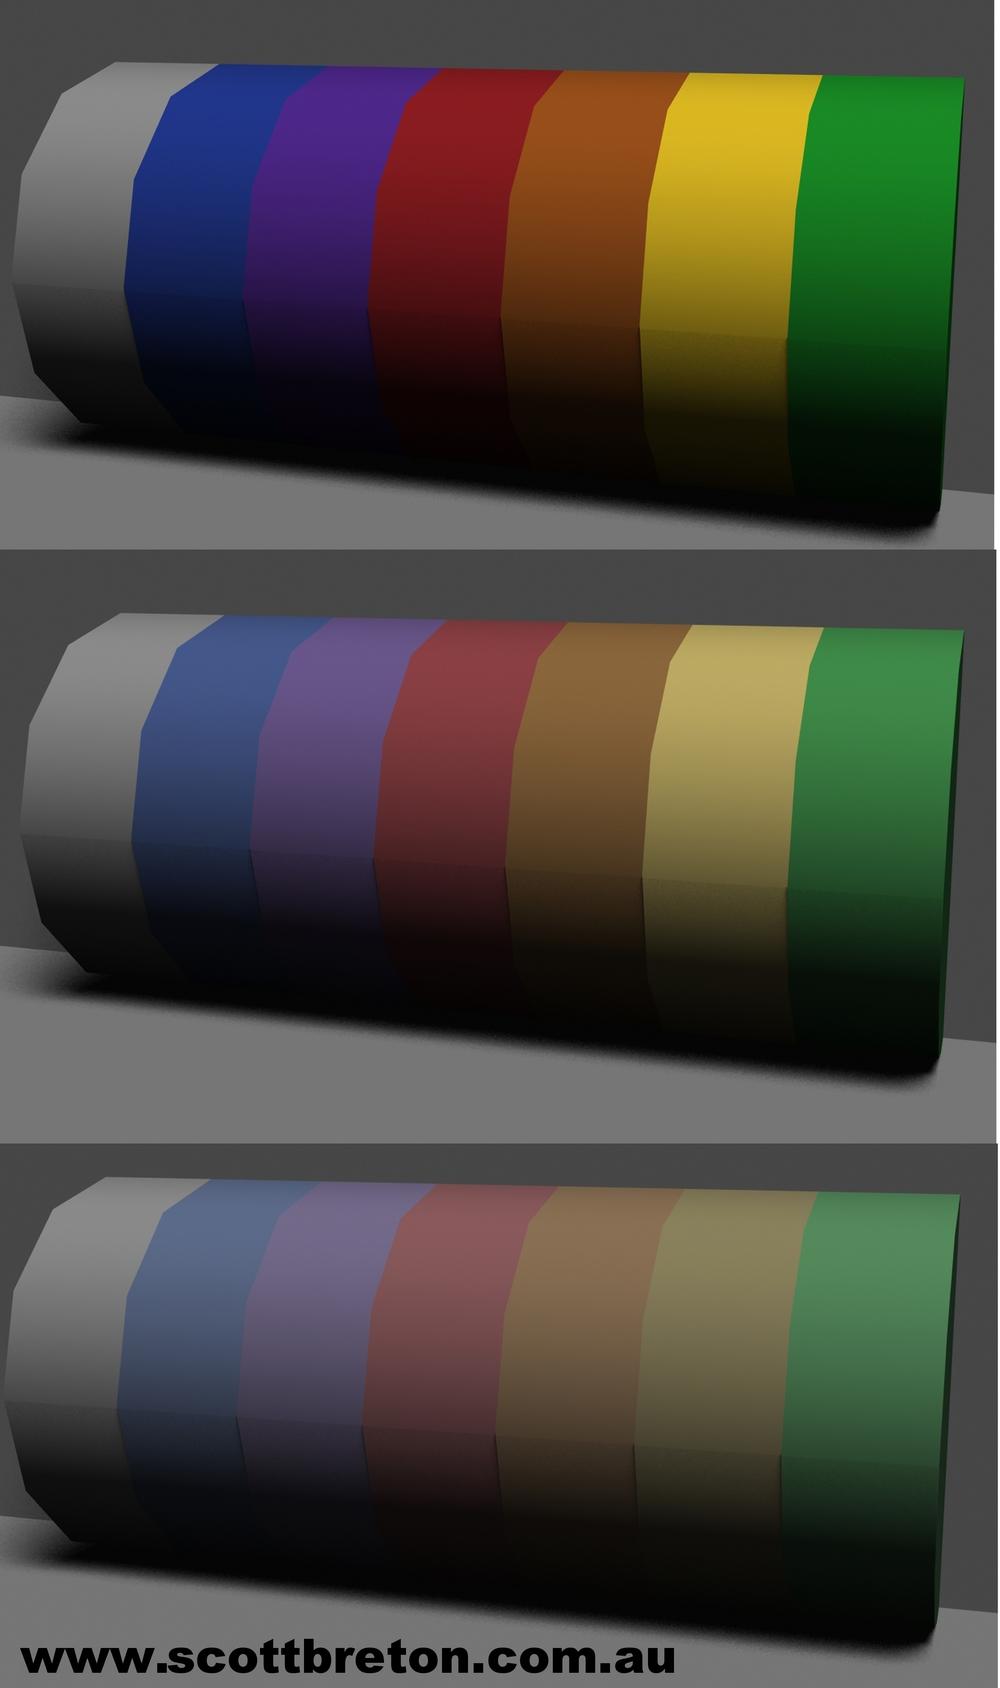 chroma-change-all-under-white-light.jpg